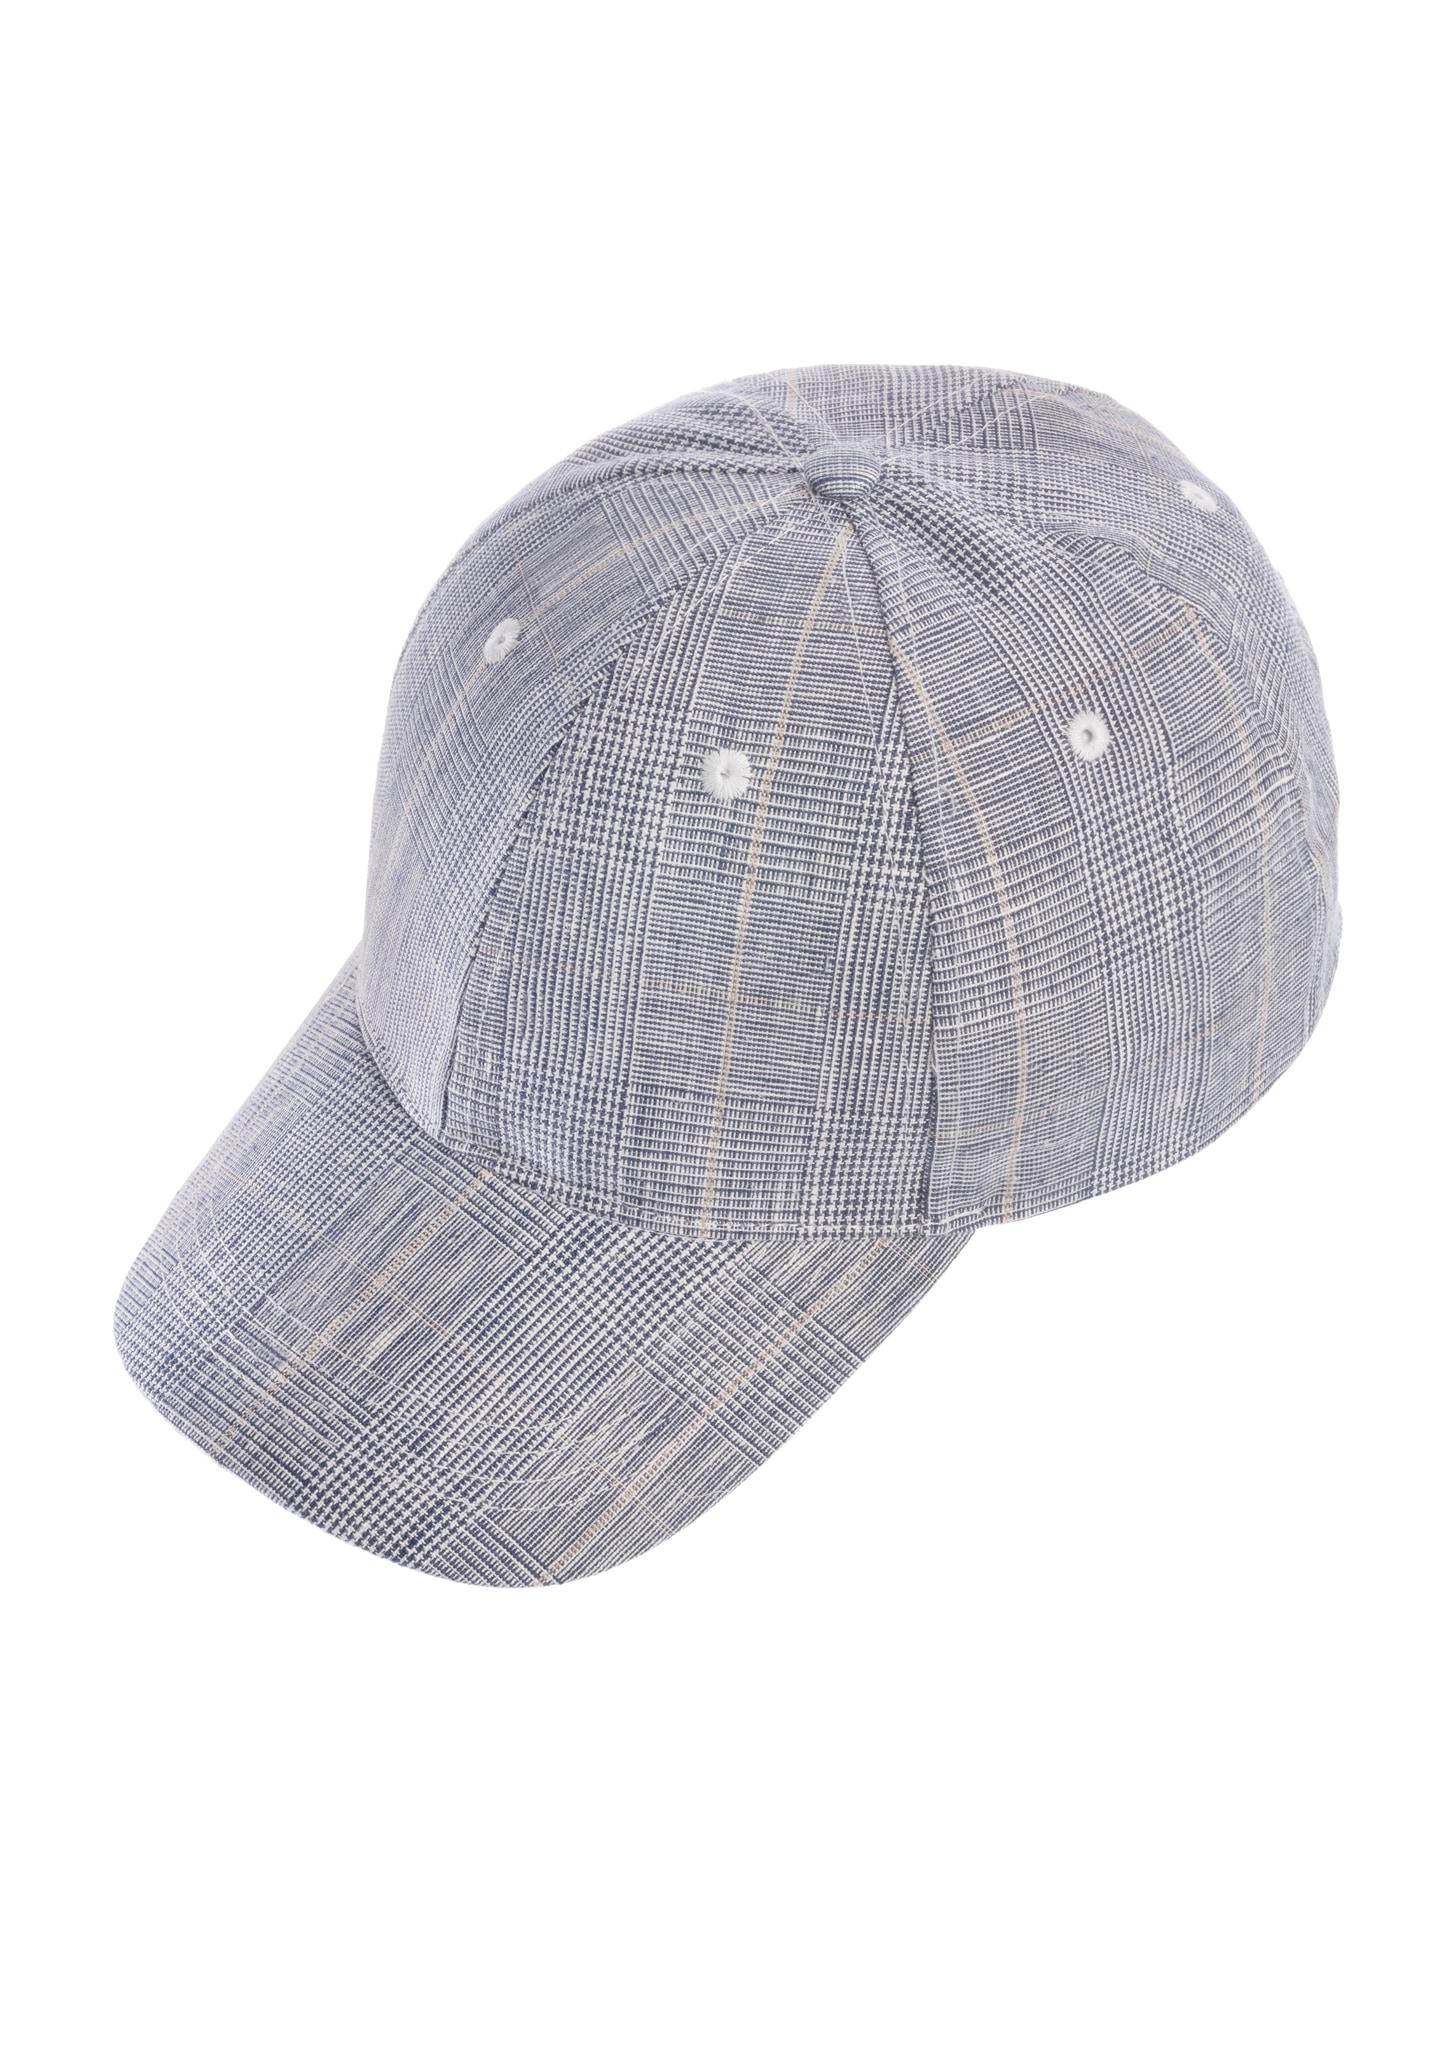 chaplino -  Baseball Cap, mit dezentem Karo-Muster